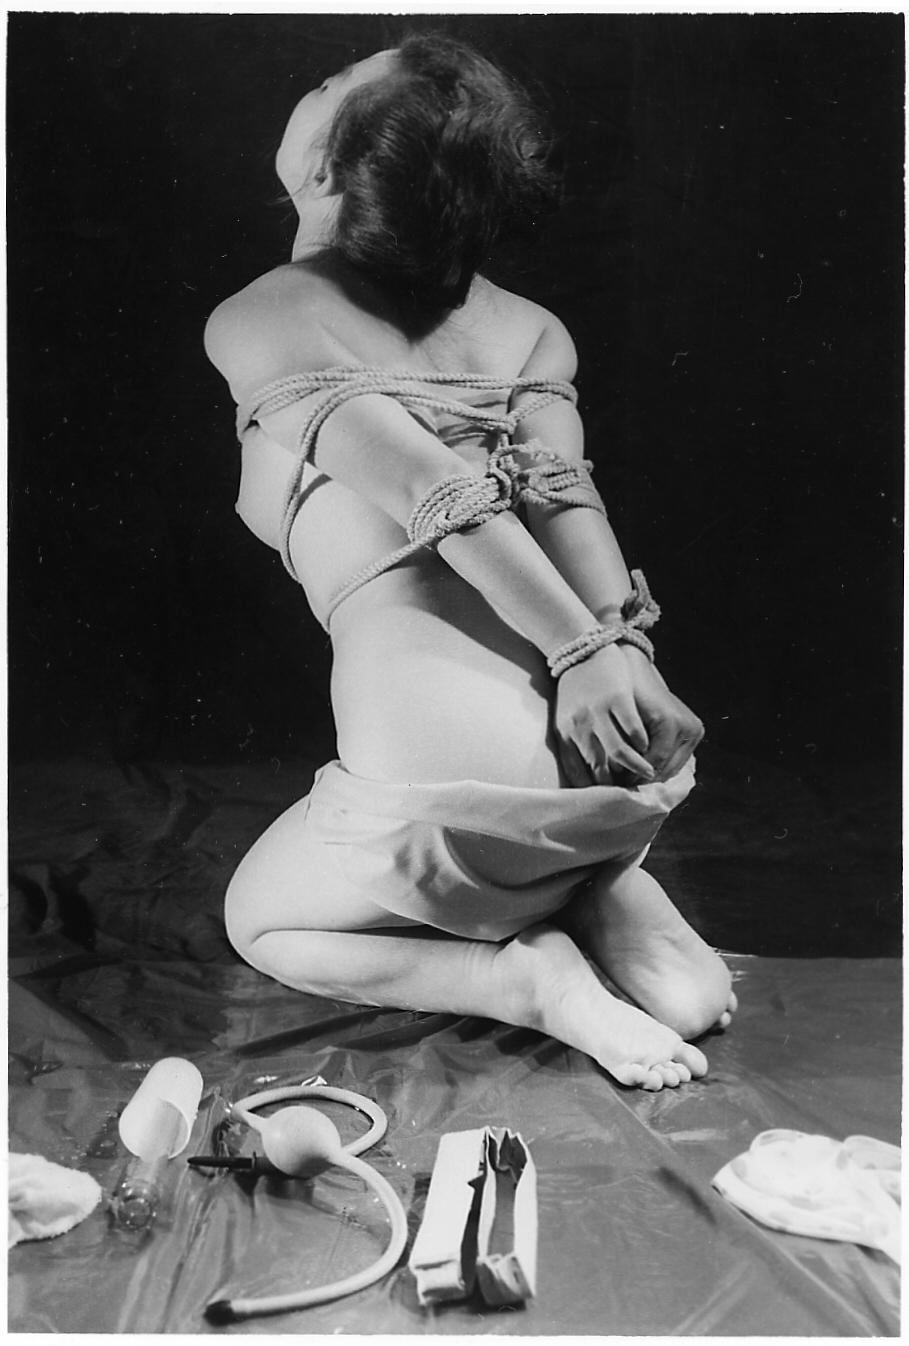 【閲覧注意】ガチ臭を放つ若き頃の母のハメ撮り画像を見つけたんだが。。。(画像あり)・24枚目